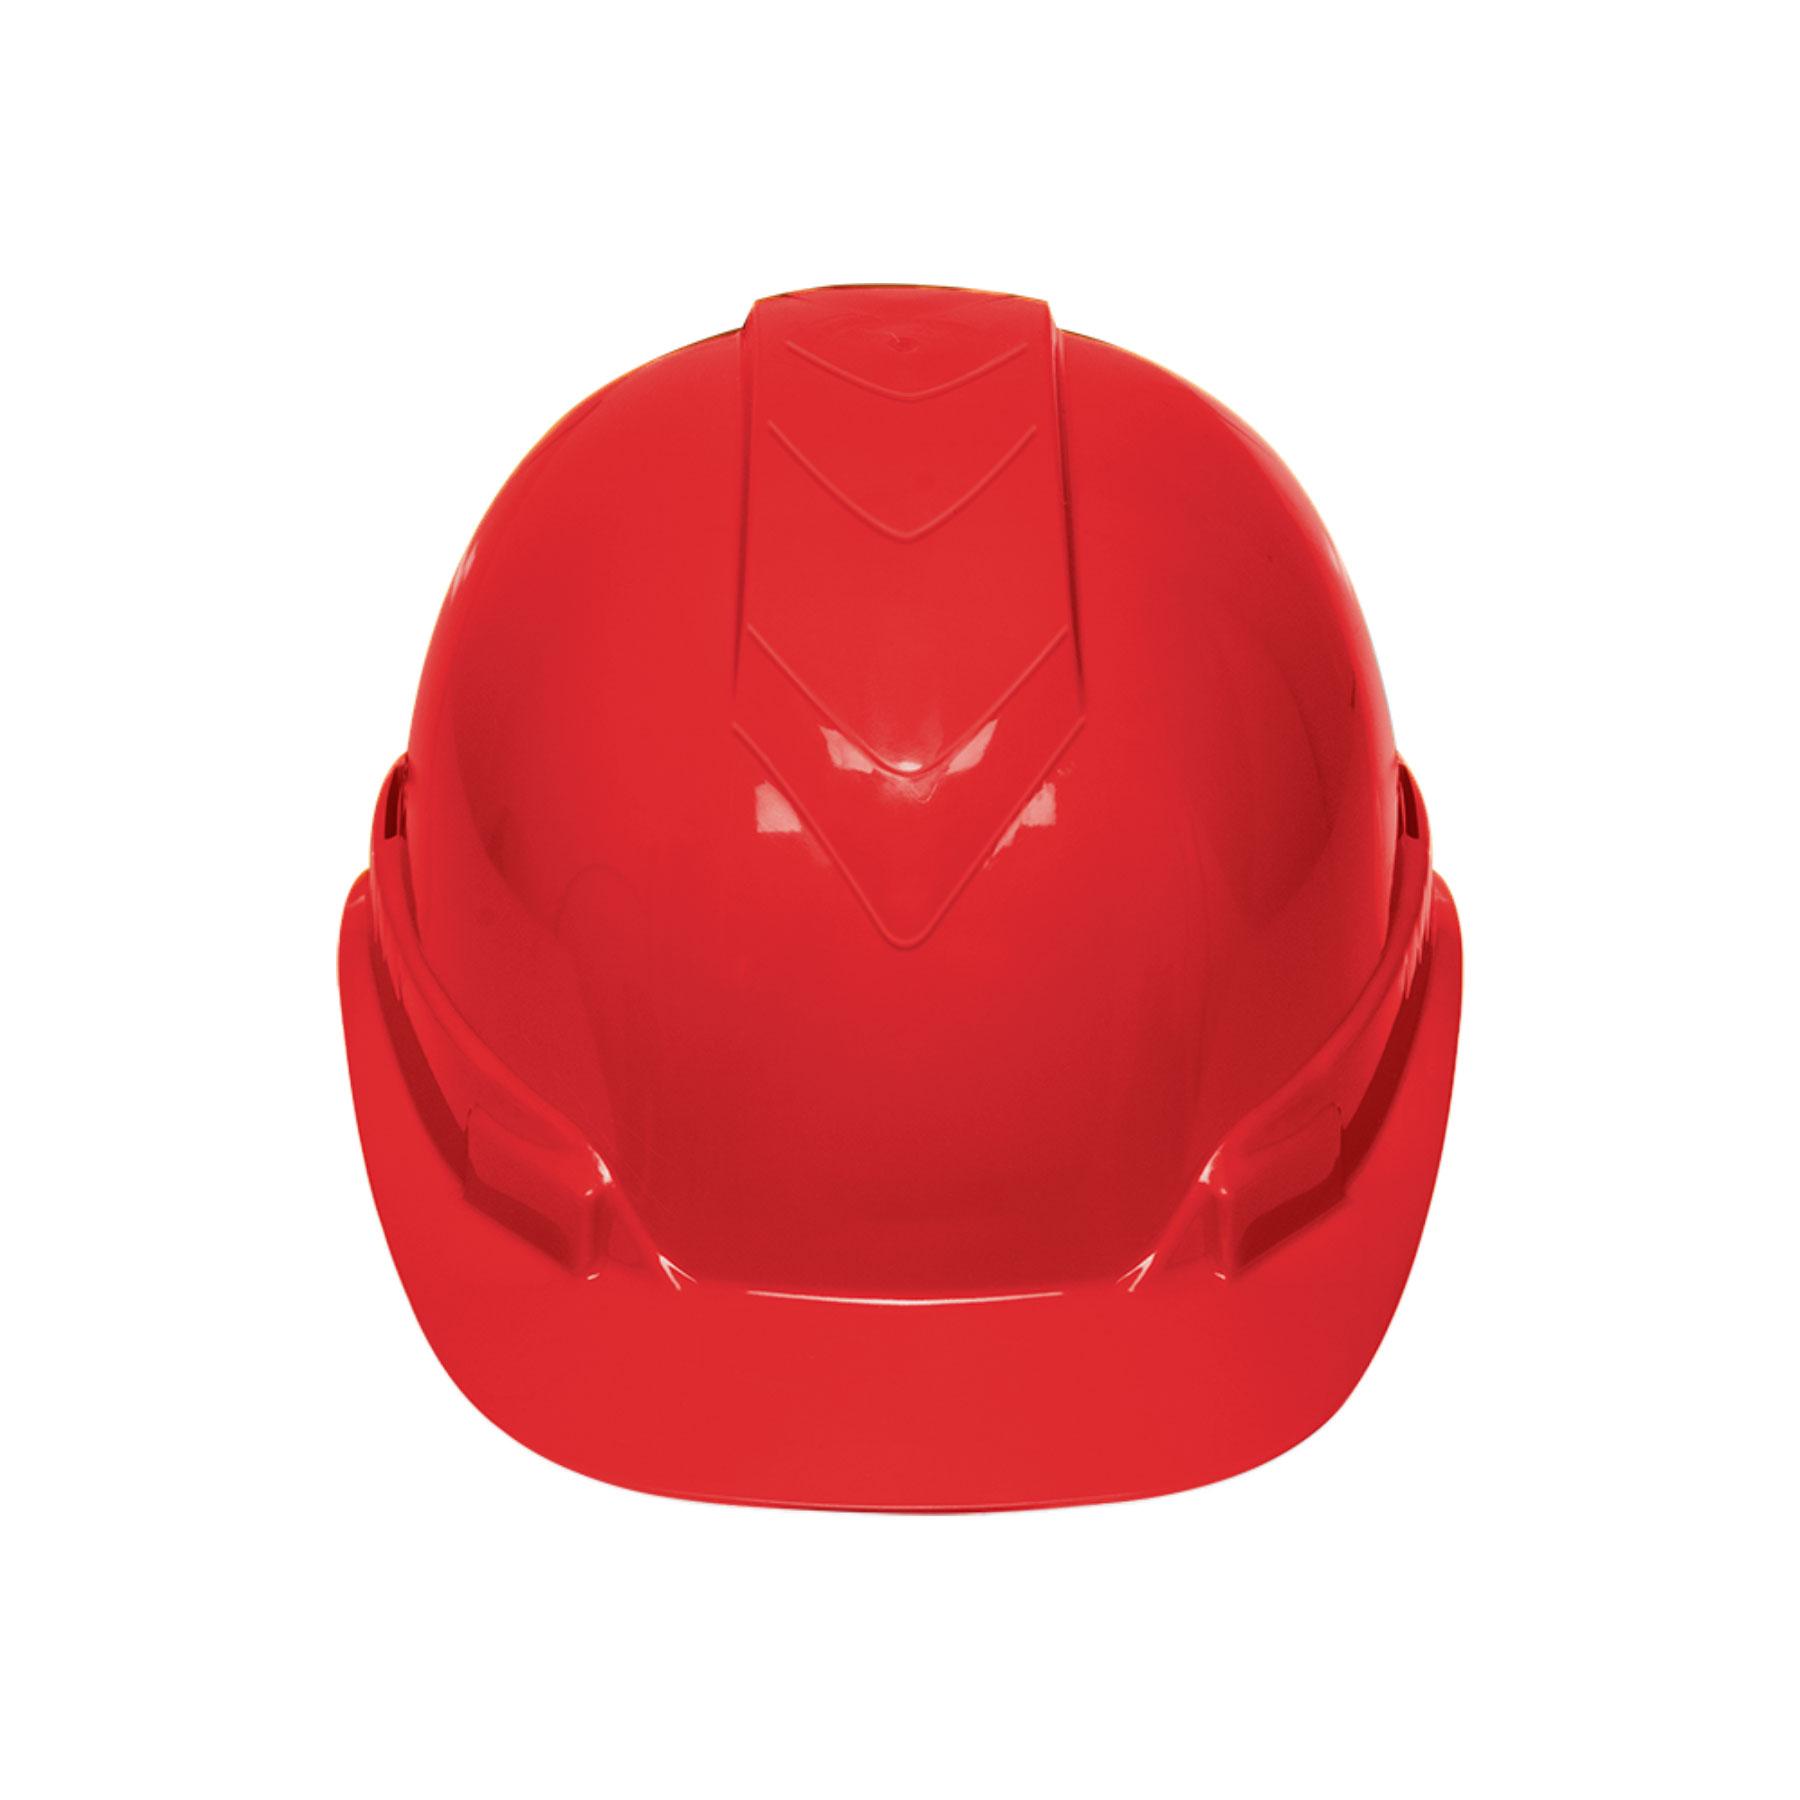 Casco de seguridad color rojo